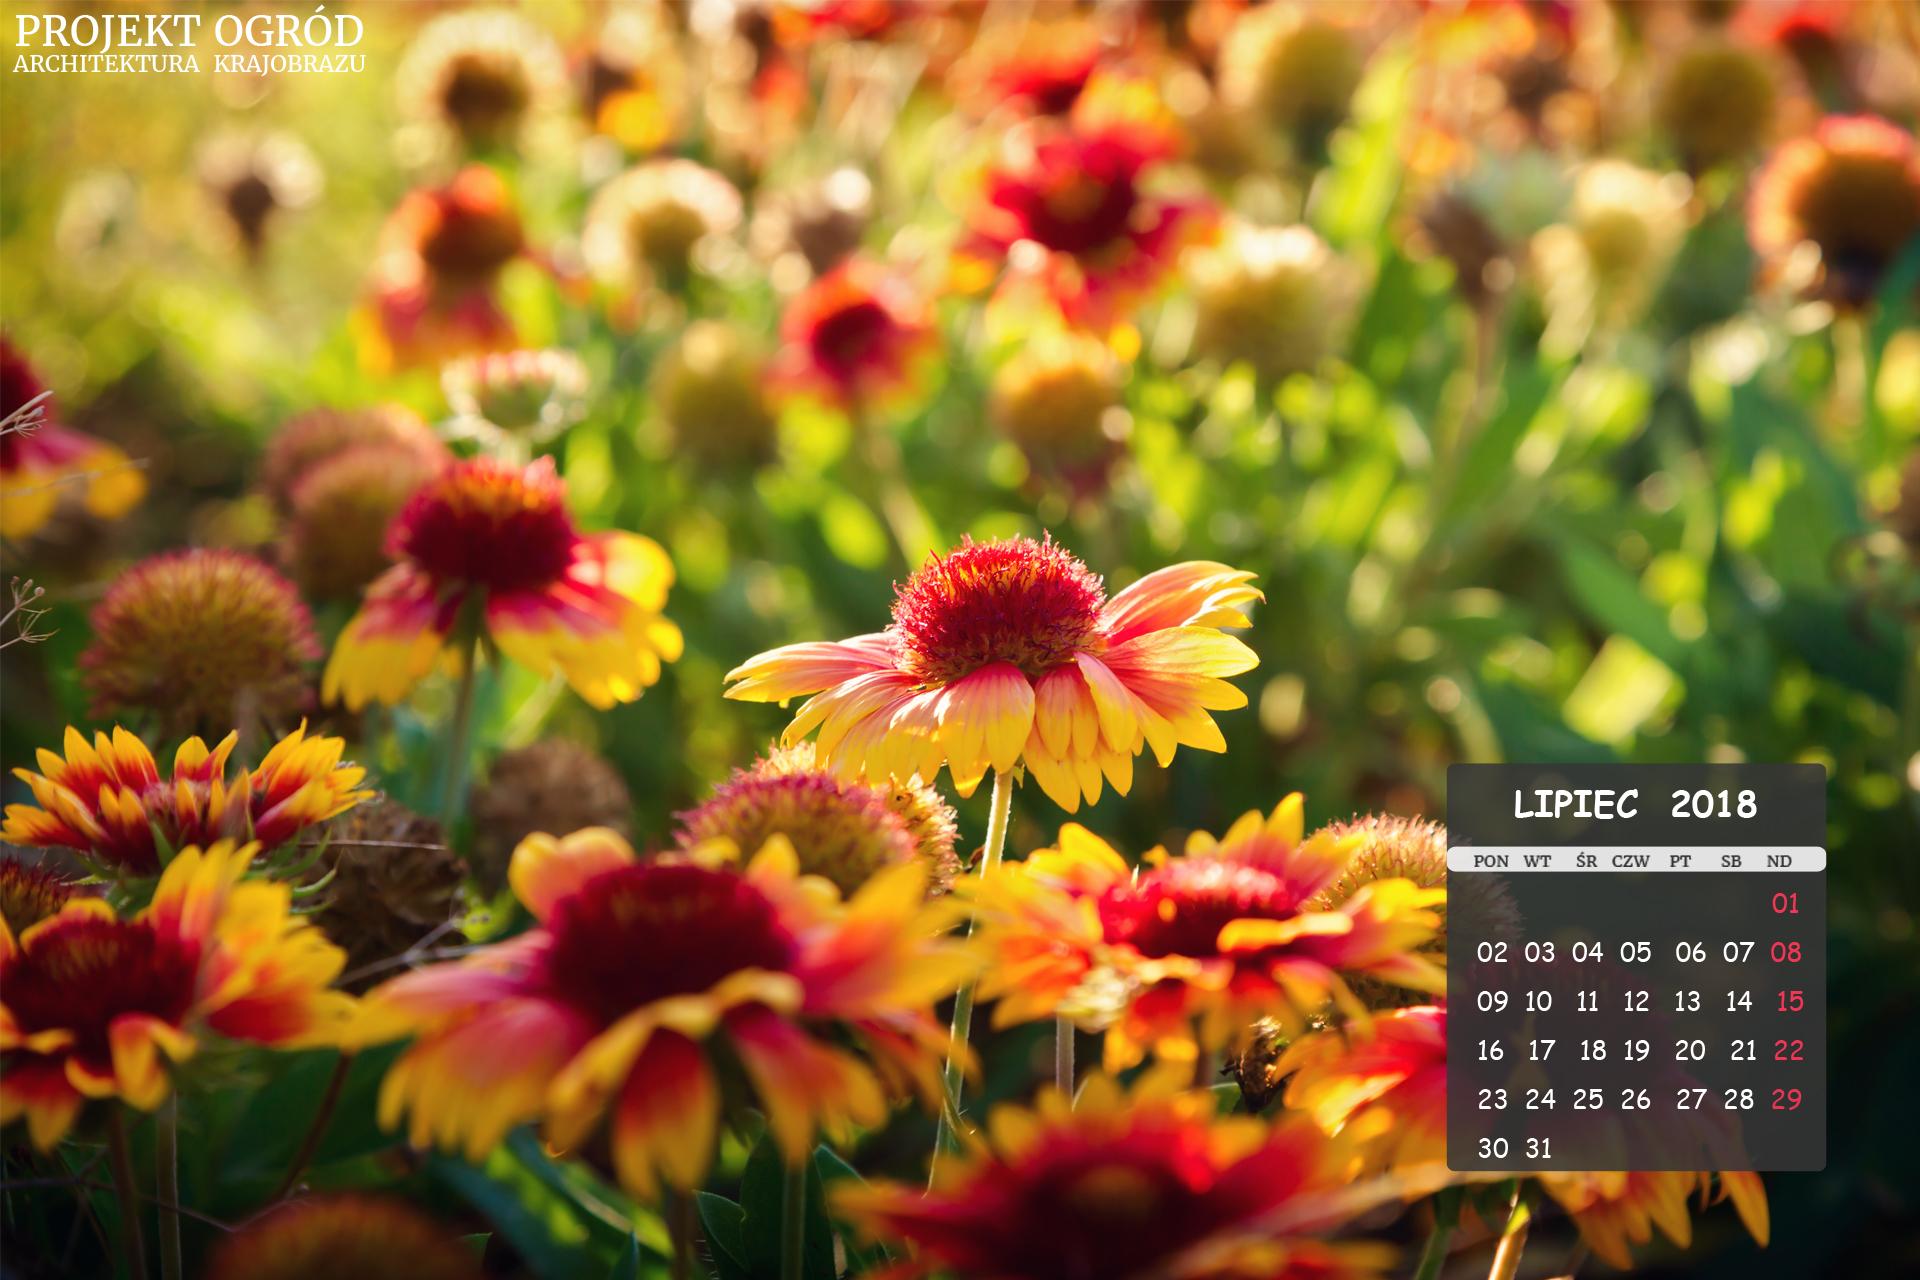 kalendarz-b-czerwiec-2018-1920x1280